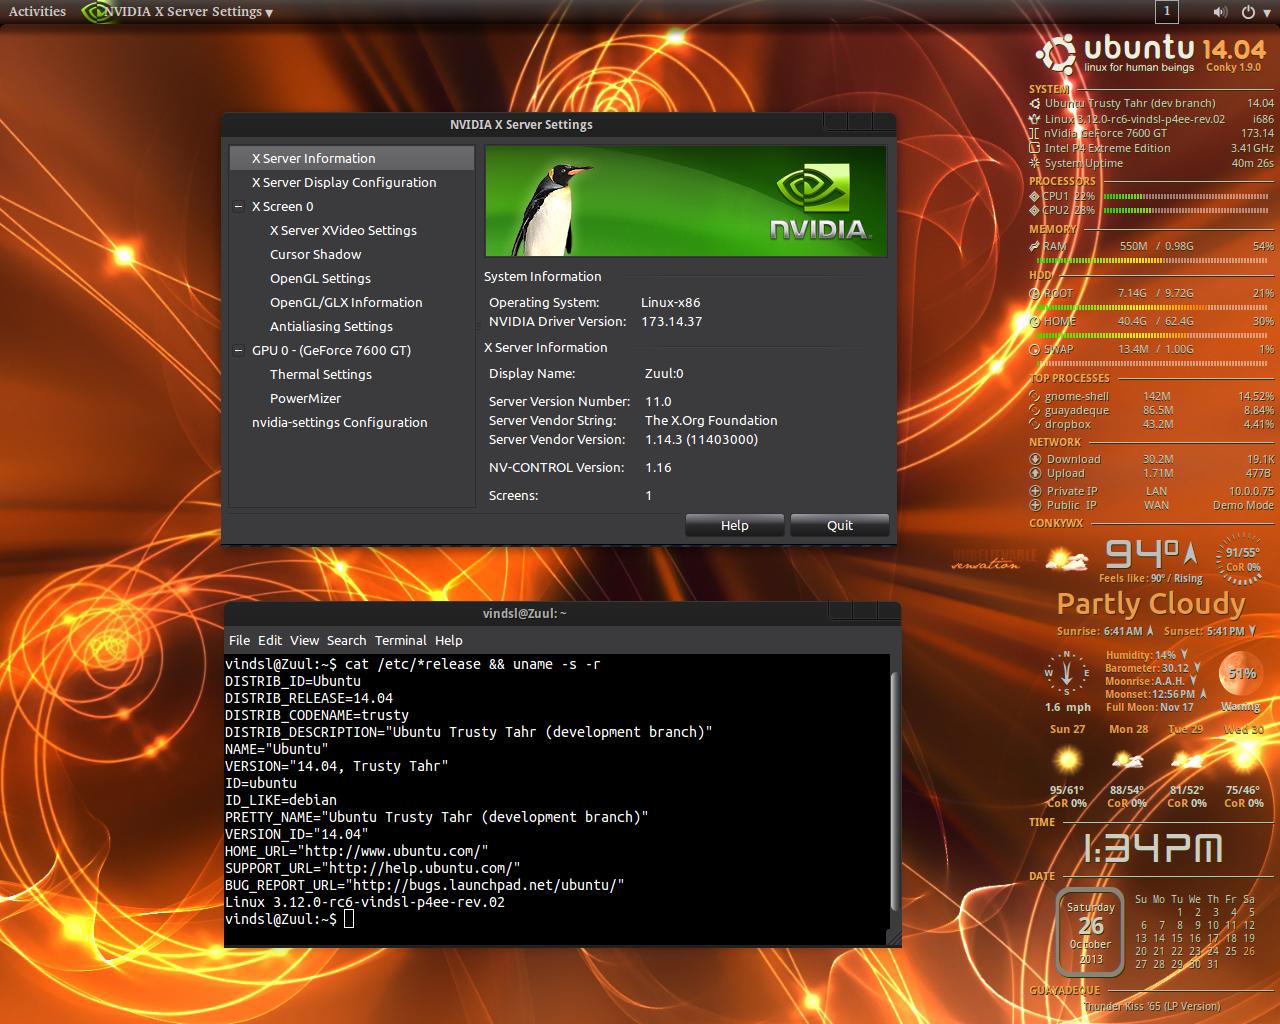 بررسی  و معرفی  نسخه جدید 3.12 میزکار گرافیکی GNOME برای گنو/لینوکس